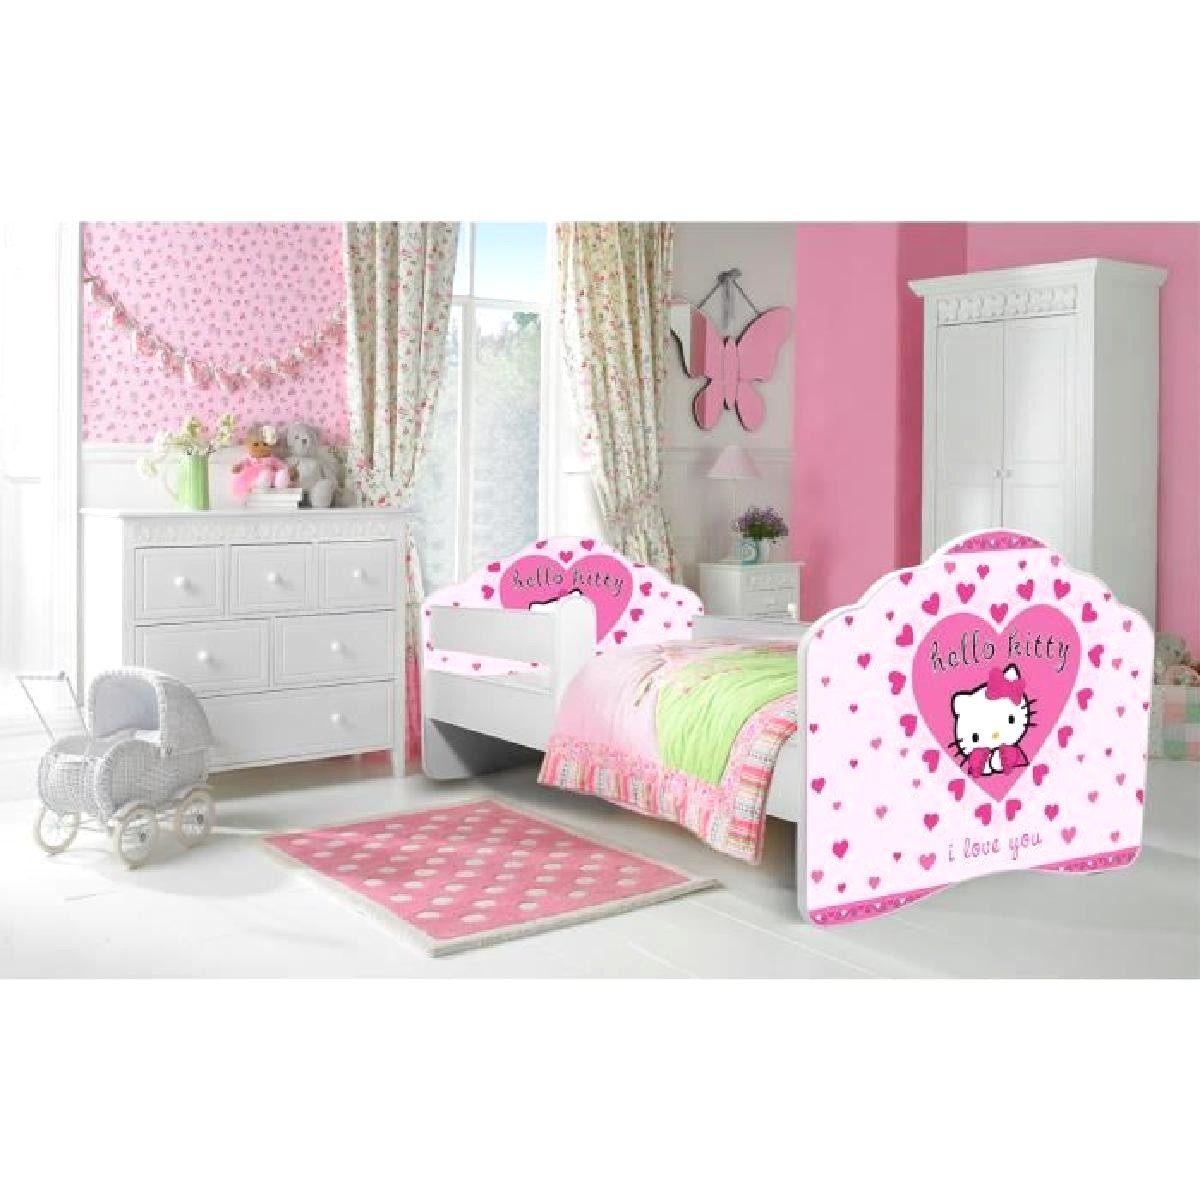 Parure De Lit Minion Bel Pouf Hello Kitty Gallery Mini Size Pink Bows Hello Kitty Avec